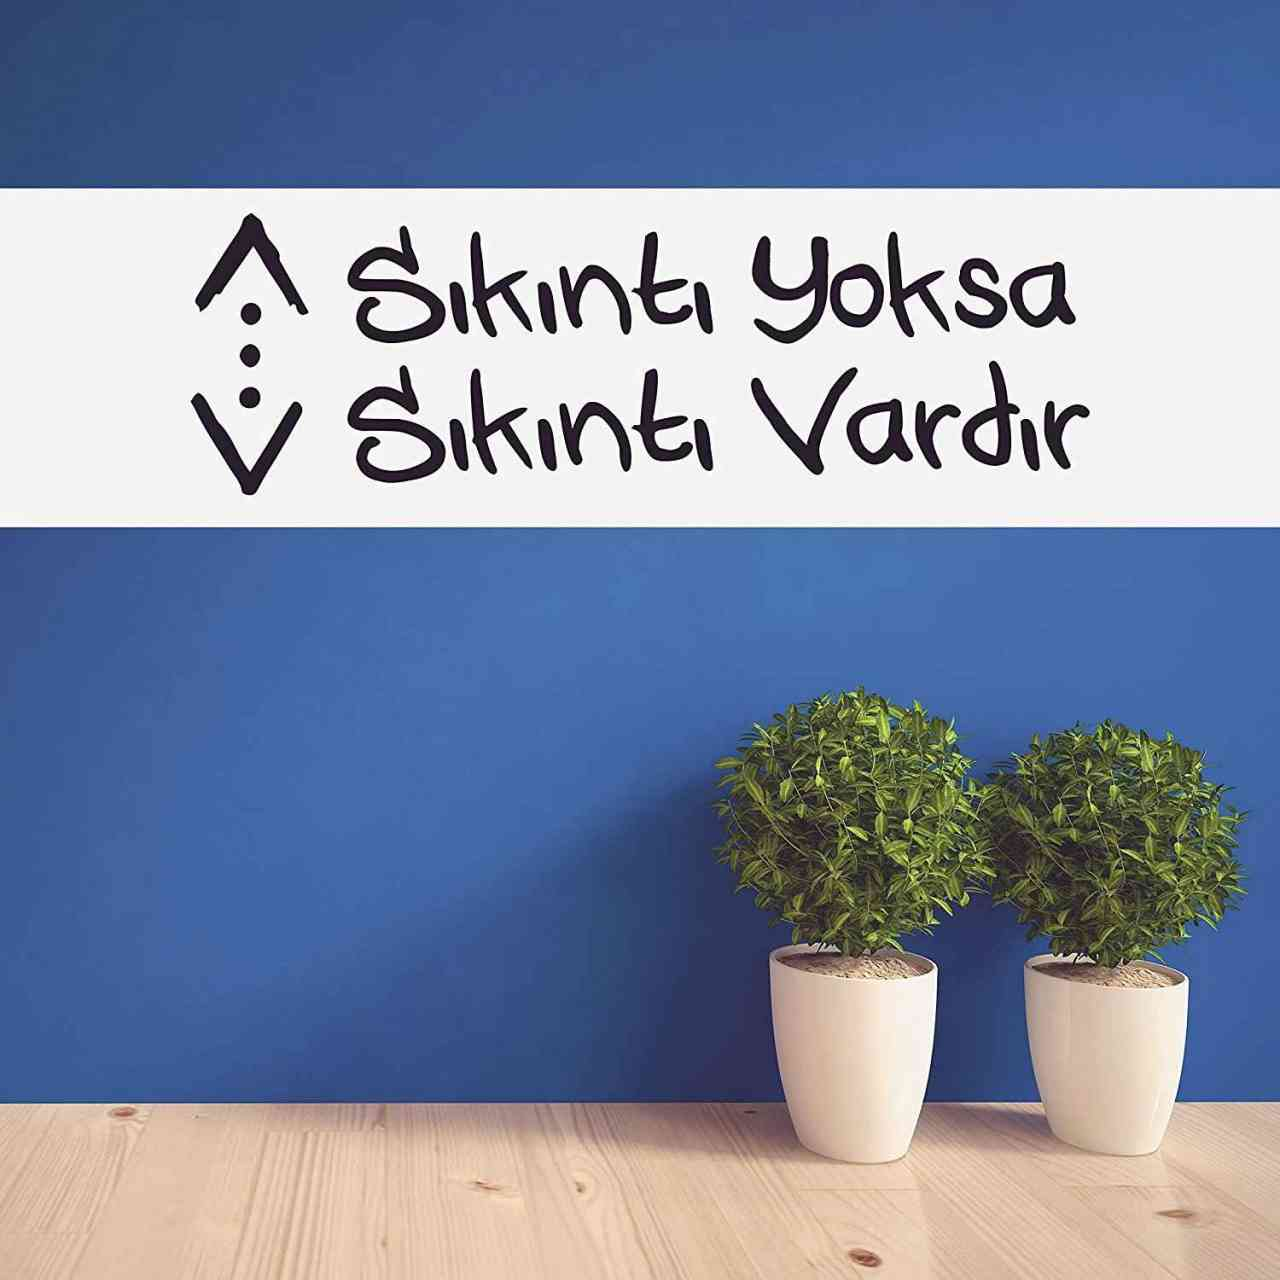 Cukur sıkıntı yoksa sıkıntı vardır Wandtattoo | Graffiti-Style | Türk Dizi Çukur